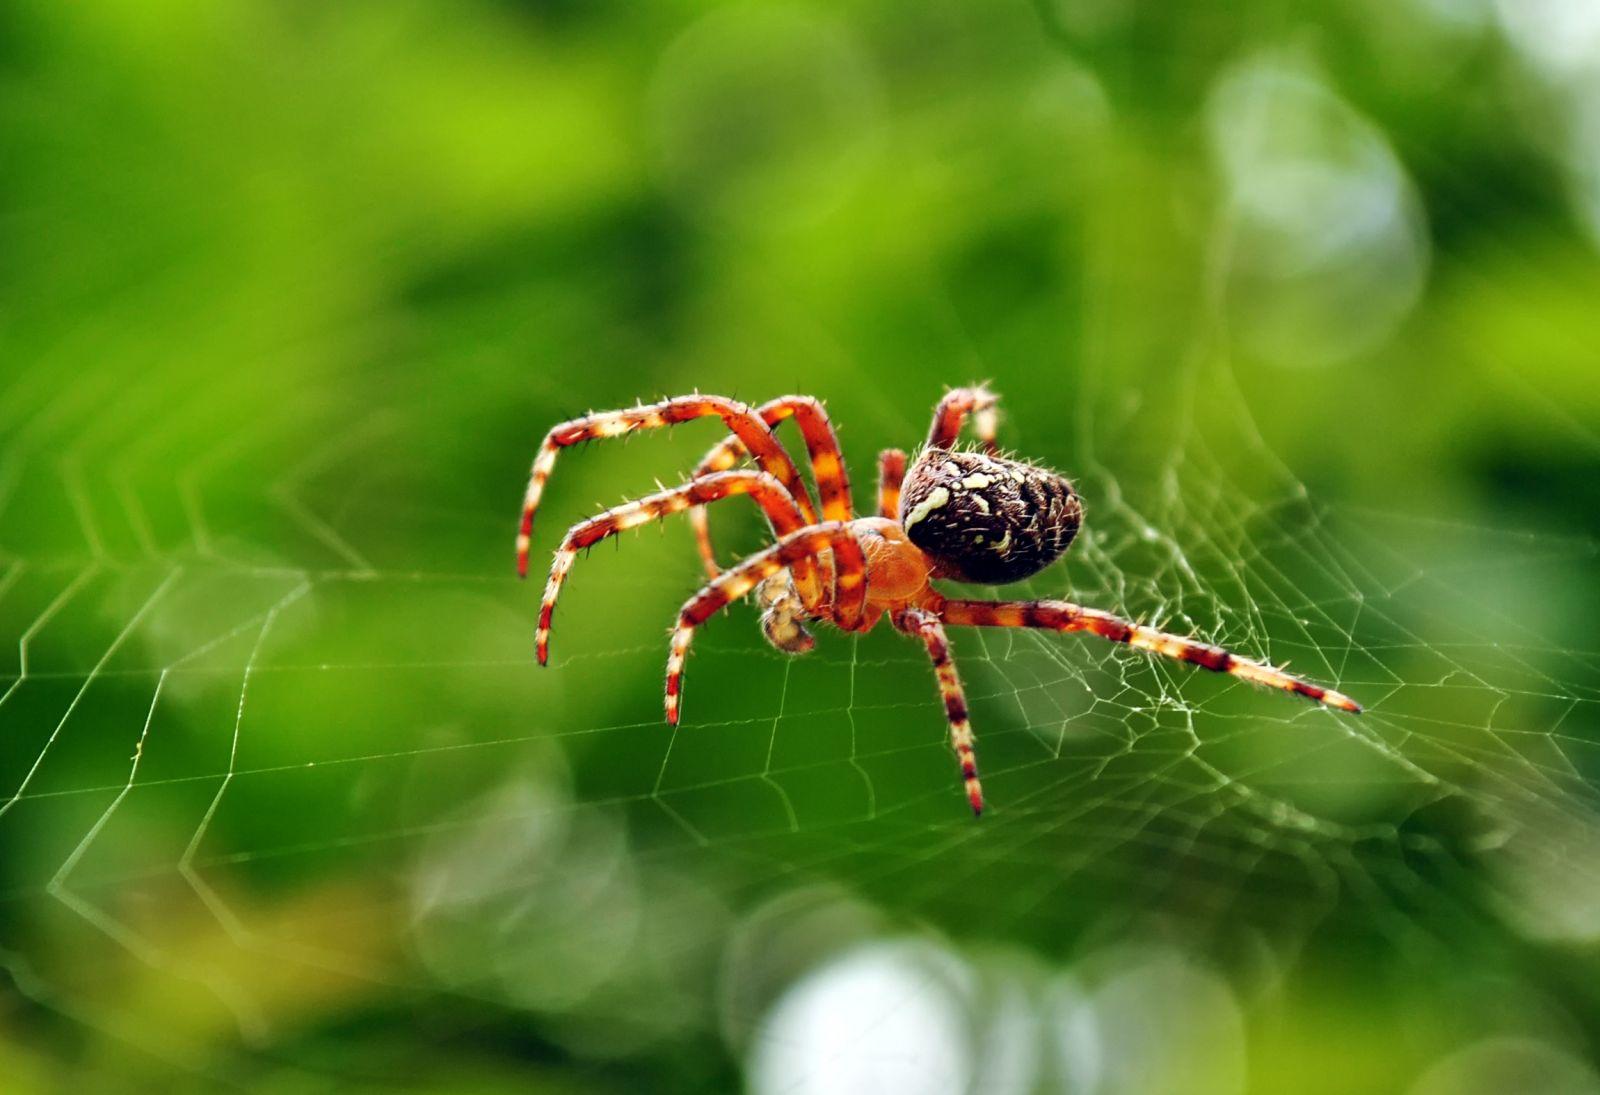 Сенокосец (паук) описание и фото. Пауки в природе